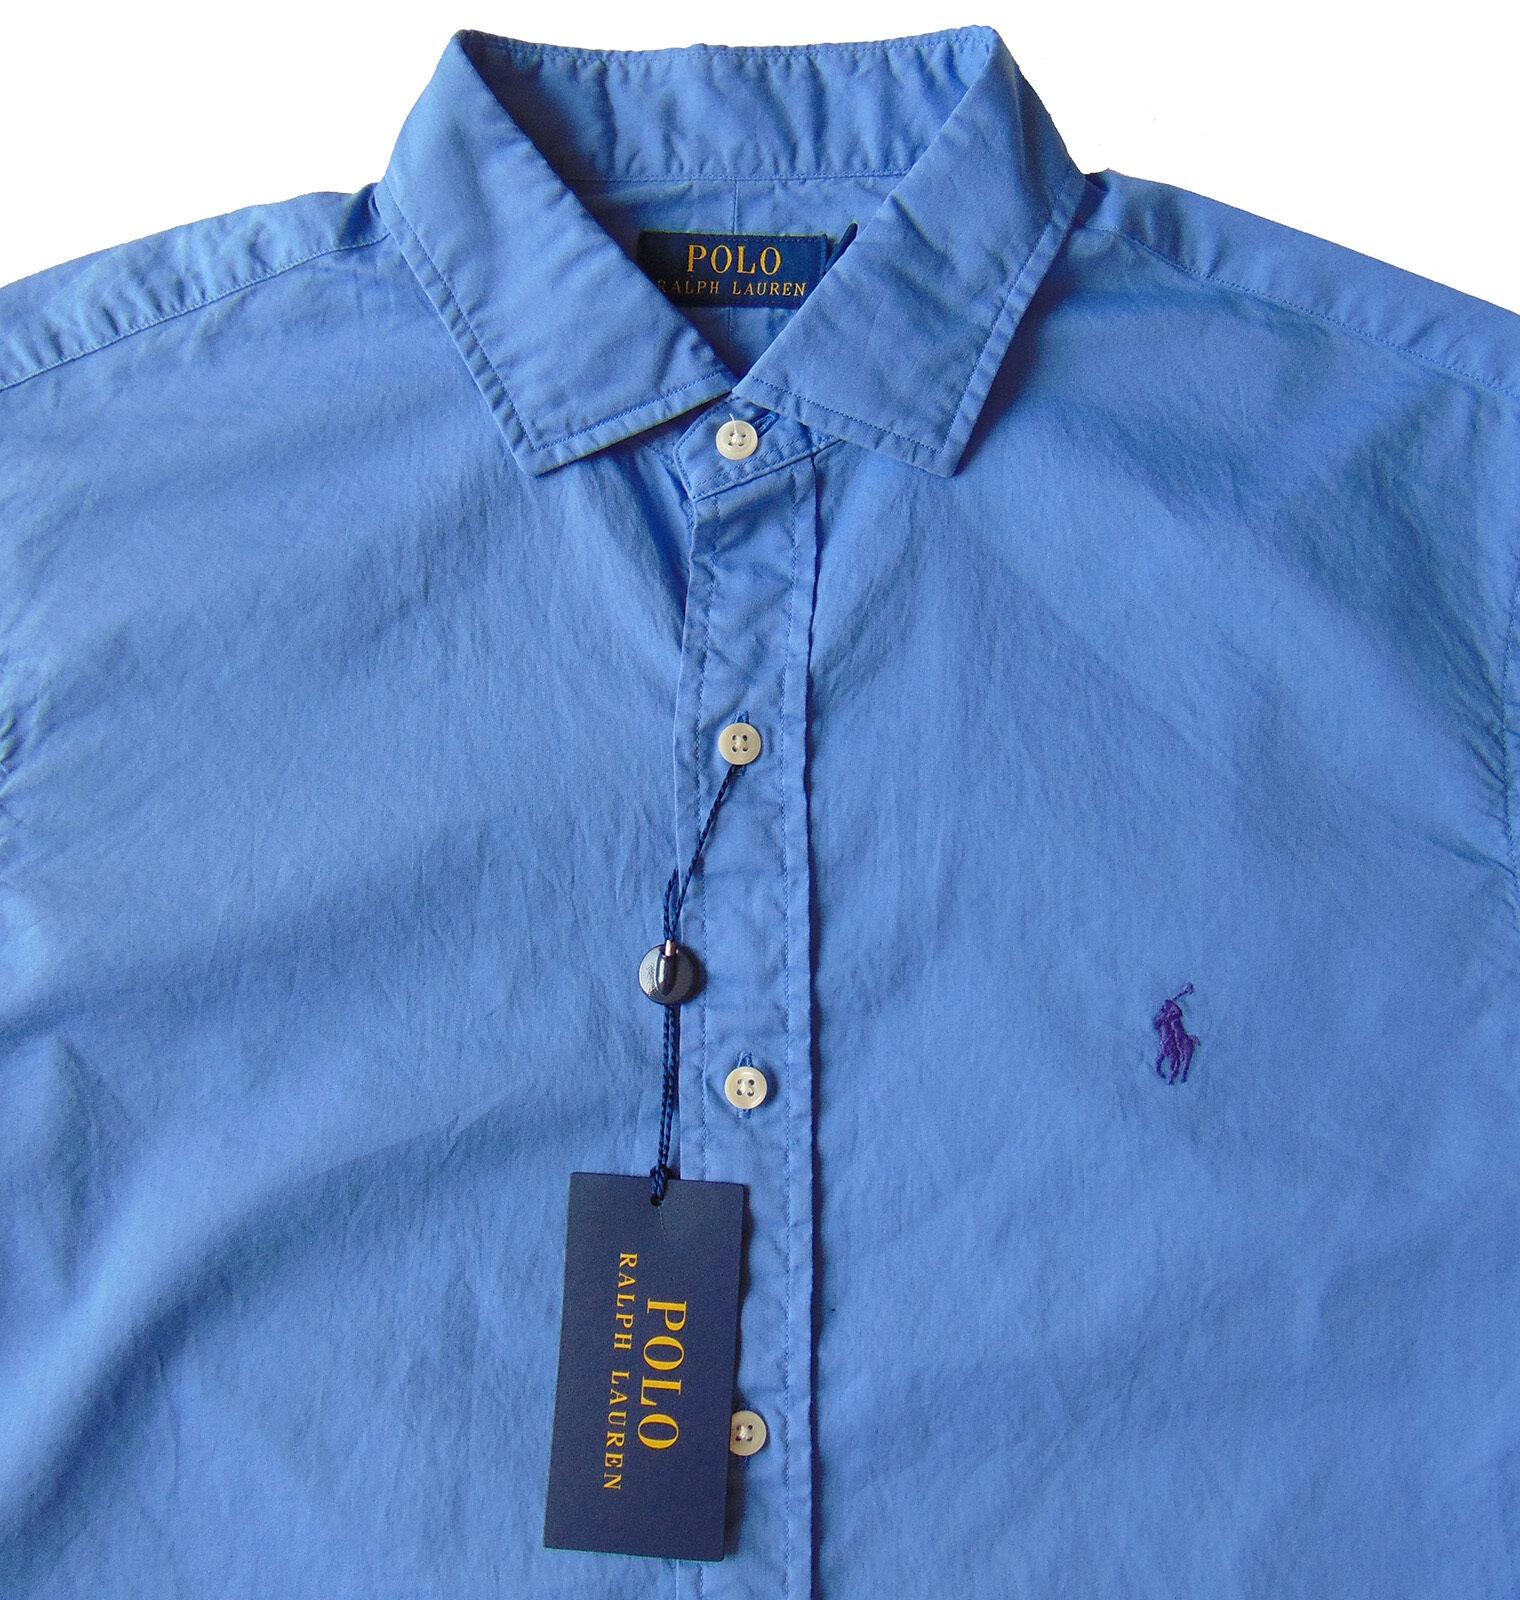 Men's POLO RALPH LAUREN Harbor Island bluee Soft Cotton Shirt 2XLT TALL NWT NEW